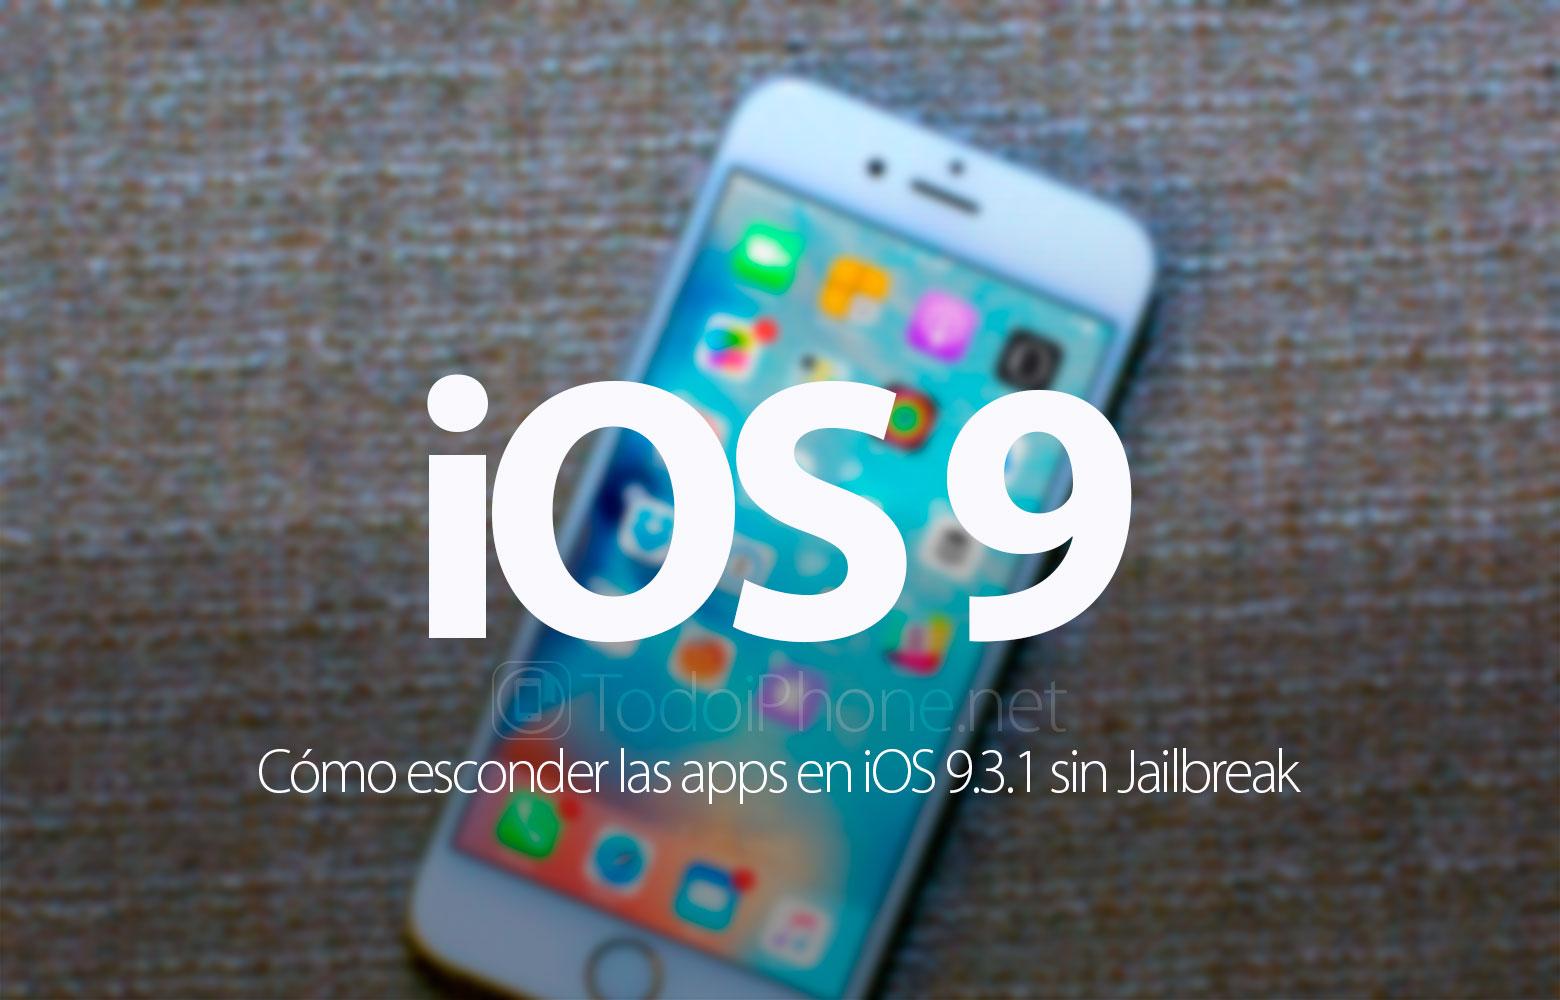 como-esconder-apps-ios-9-3-1-sin-jailbreak